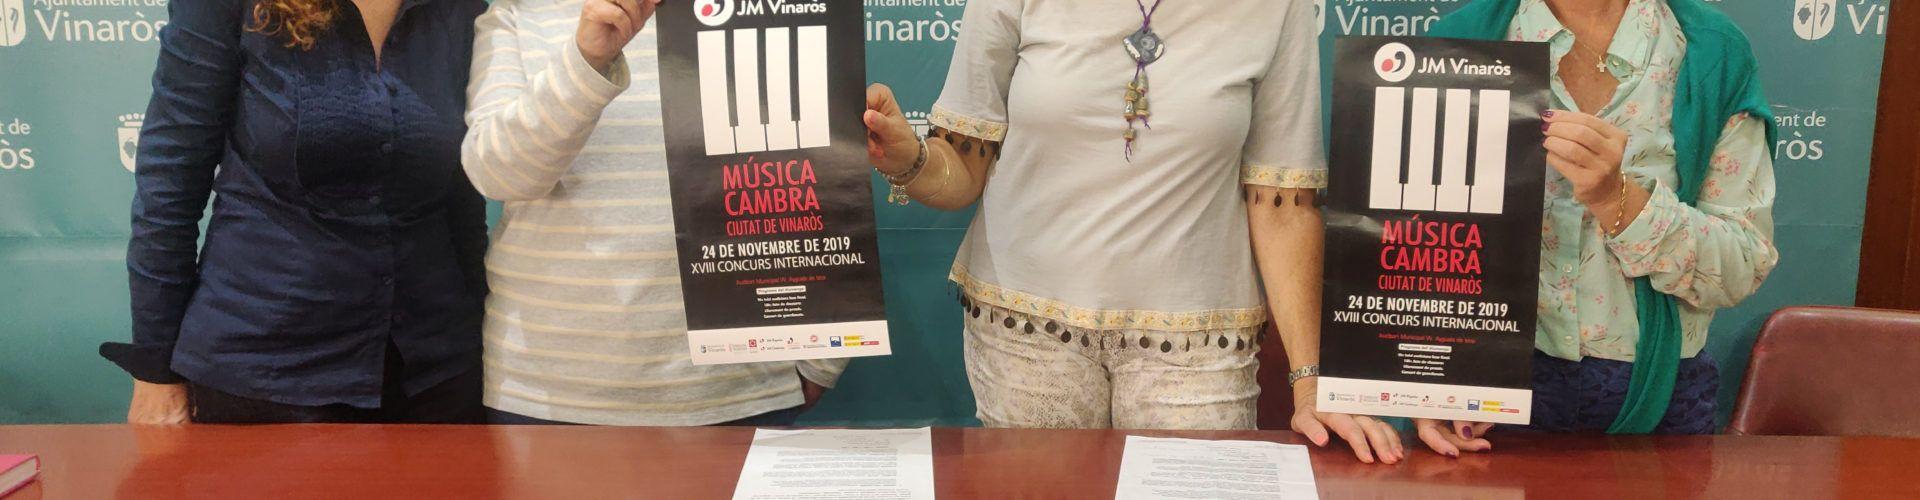 Vinaròs acollirà el 24 de novembre el XVIII Concurs Internacional de Música de Cambra